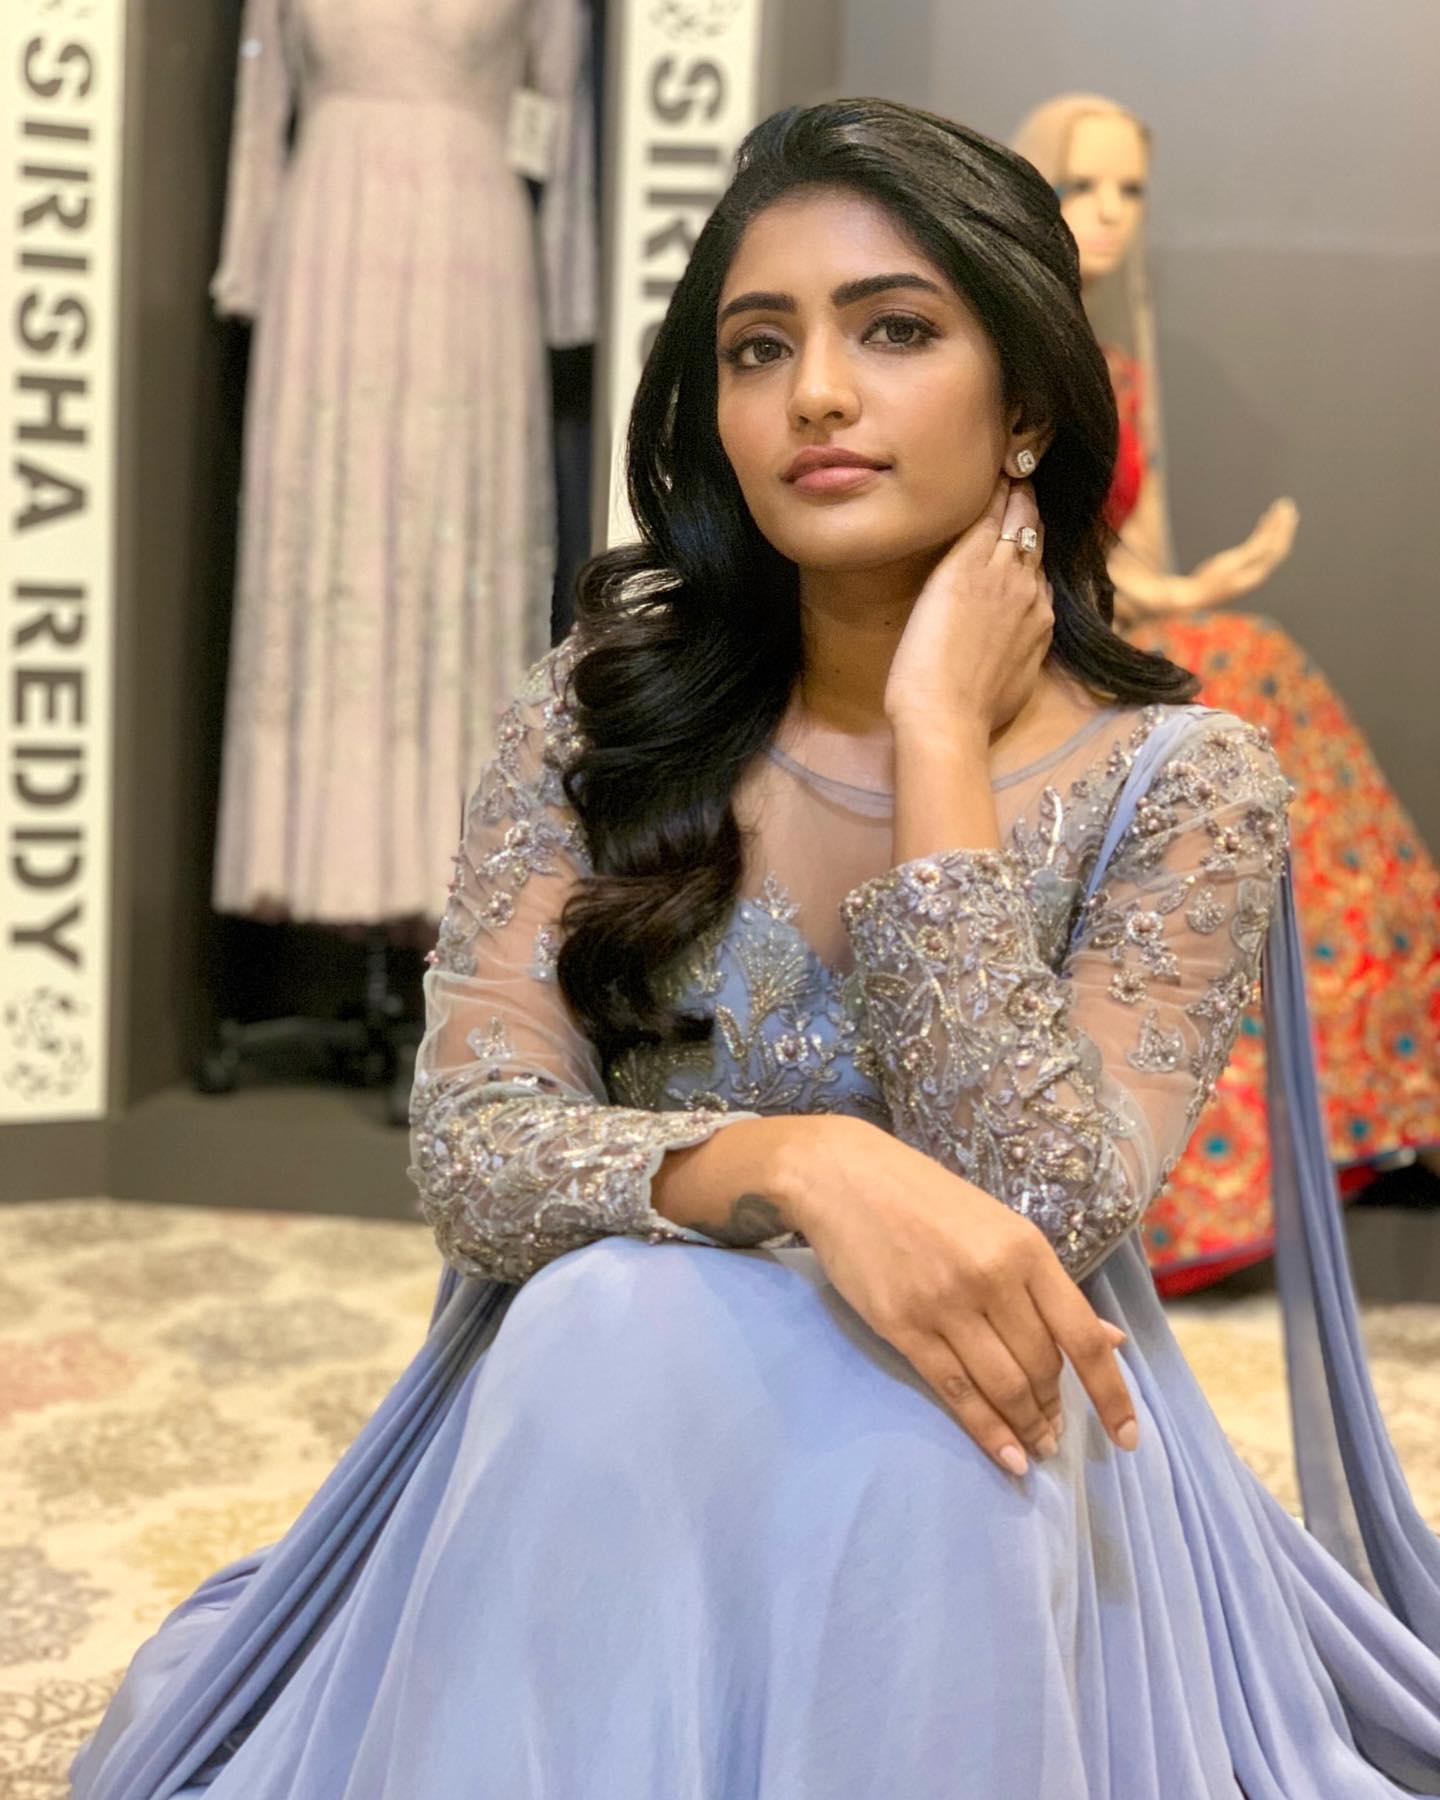 Beautiful actress Eesha Rebba in Sirisha Reddy floor length dress. 2021-06-09